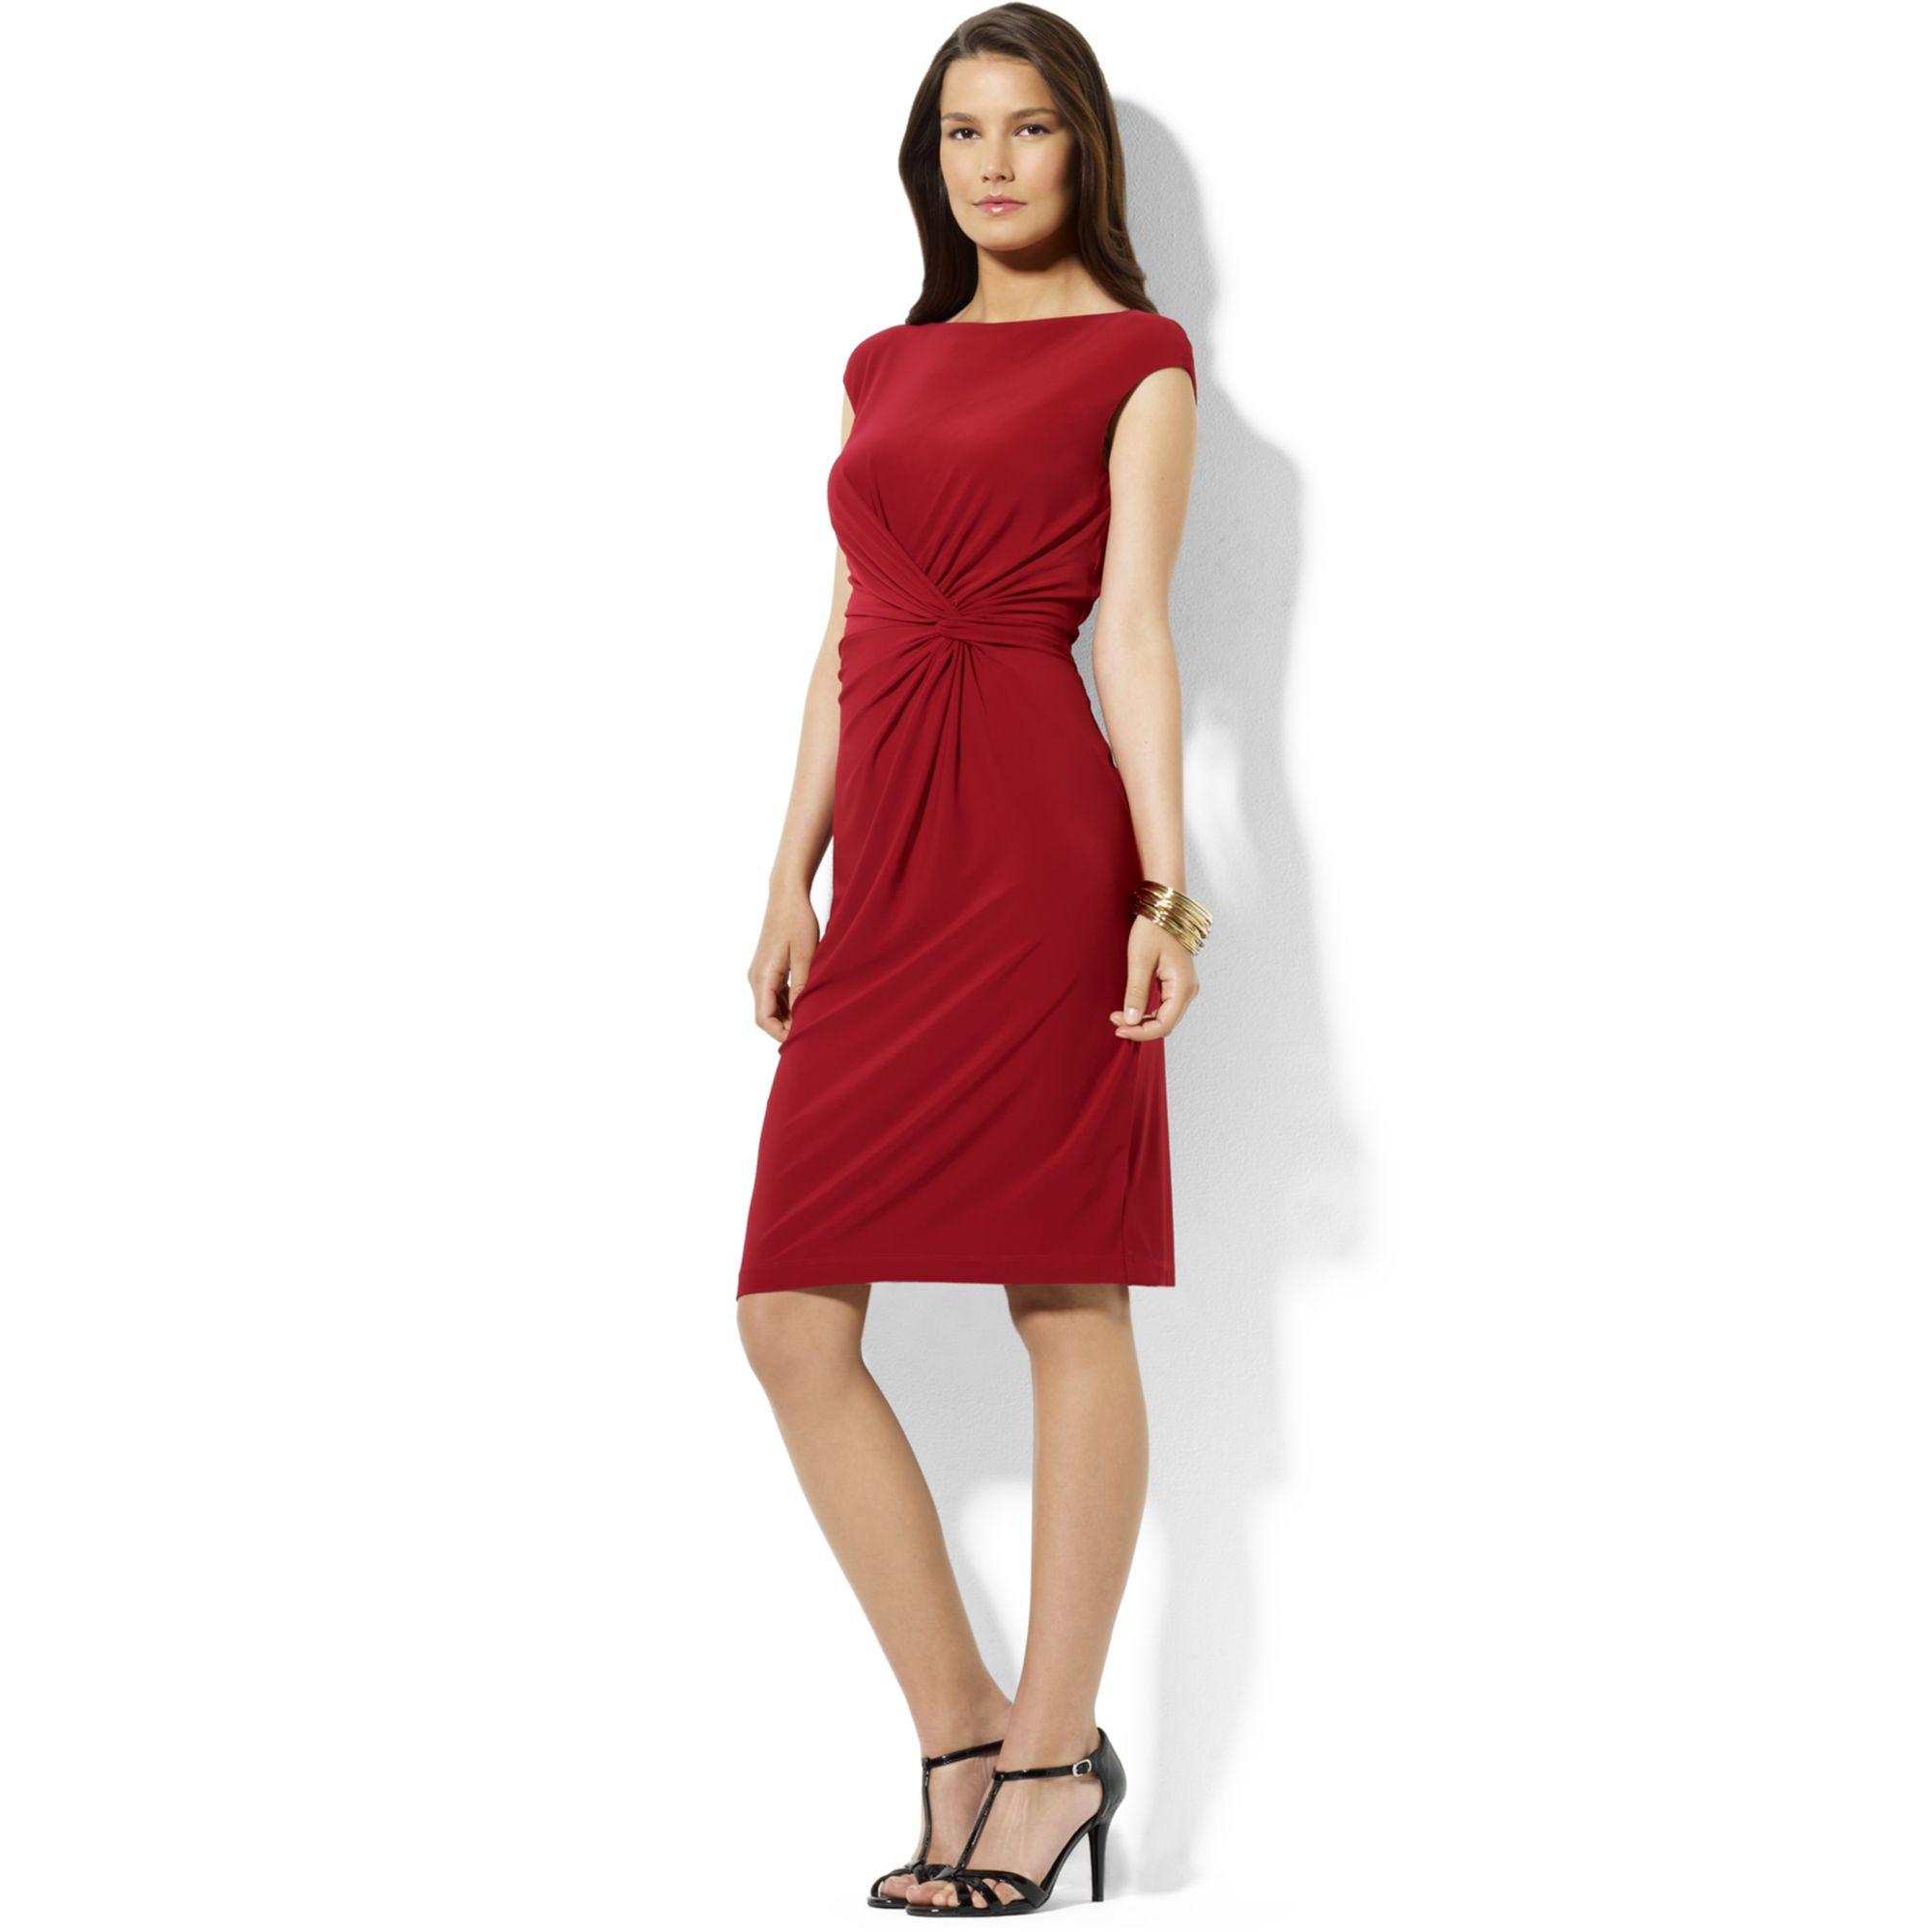 e14b301f046 ralph lauren cap-sleeved jersey dress